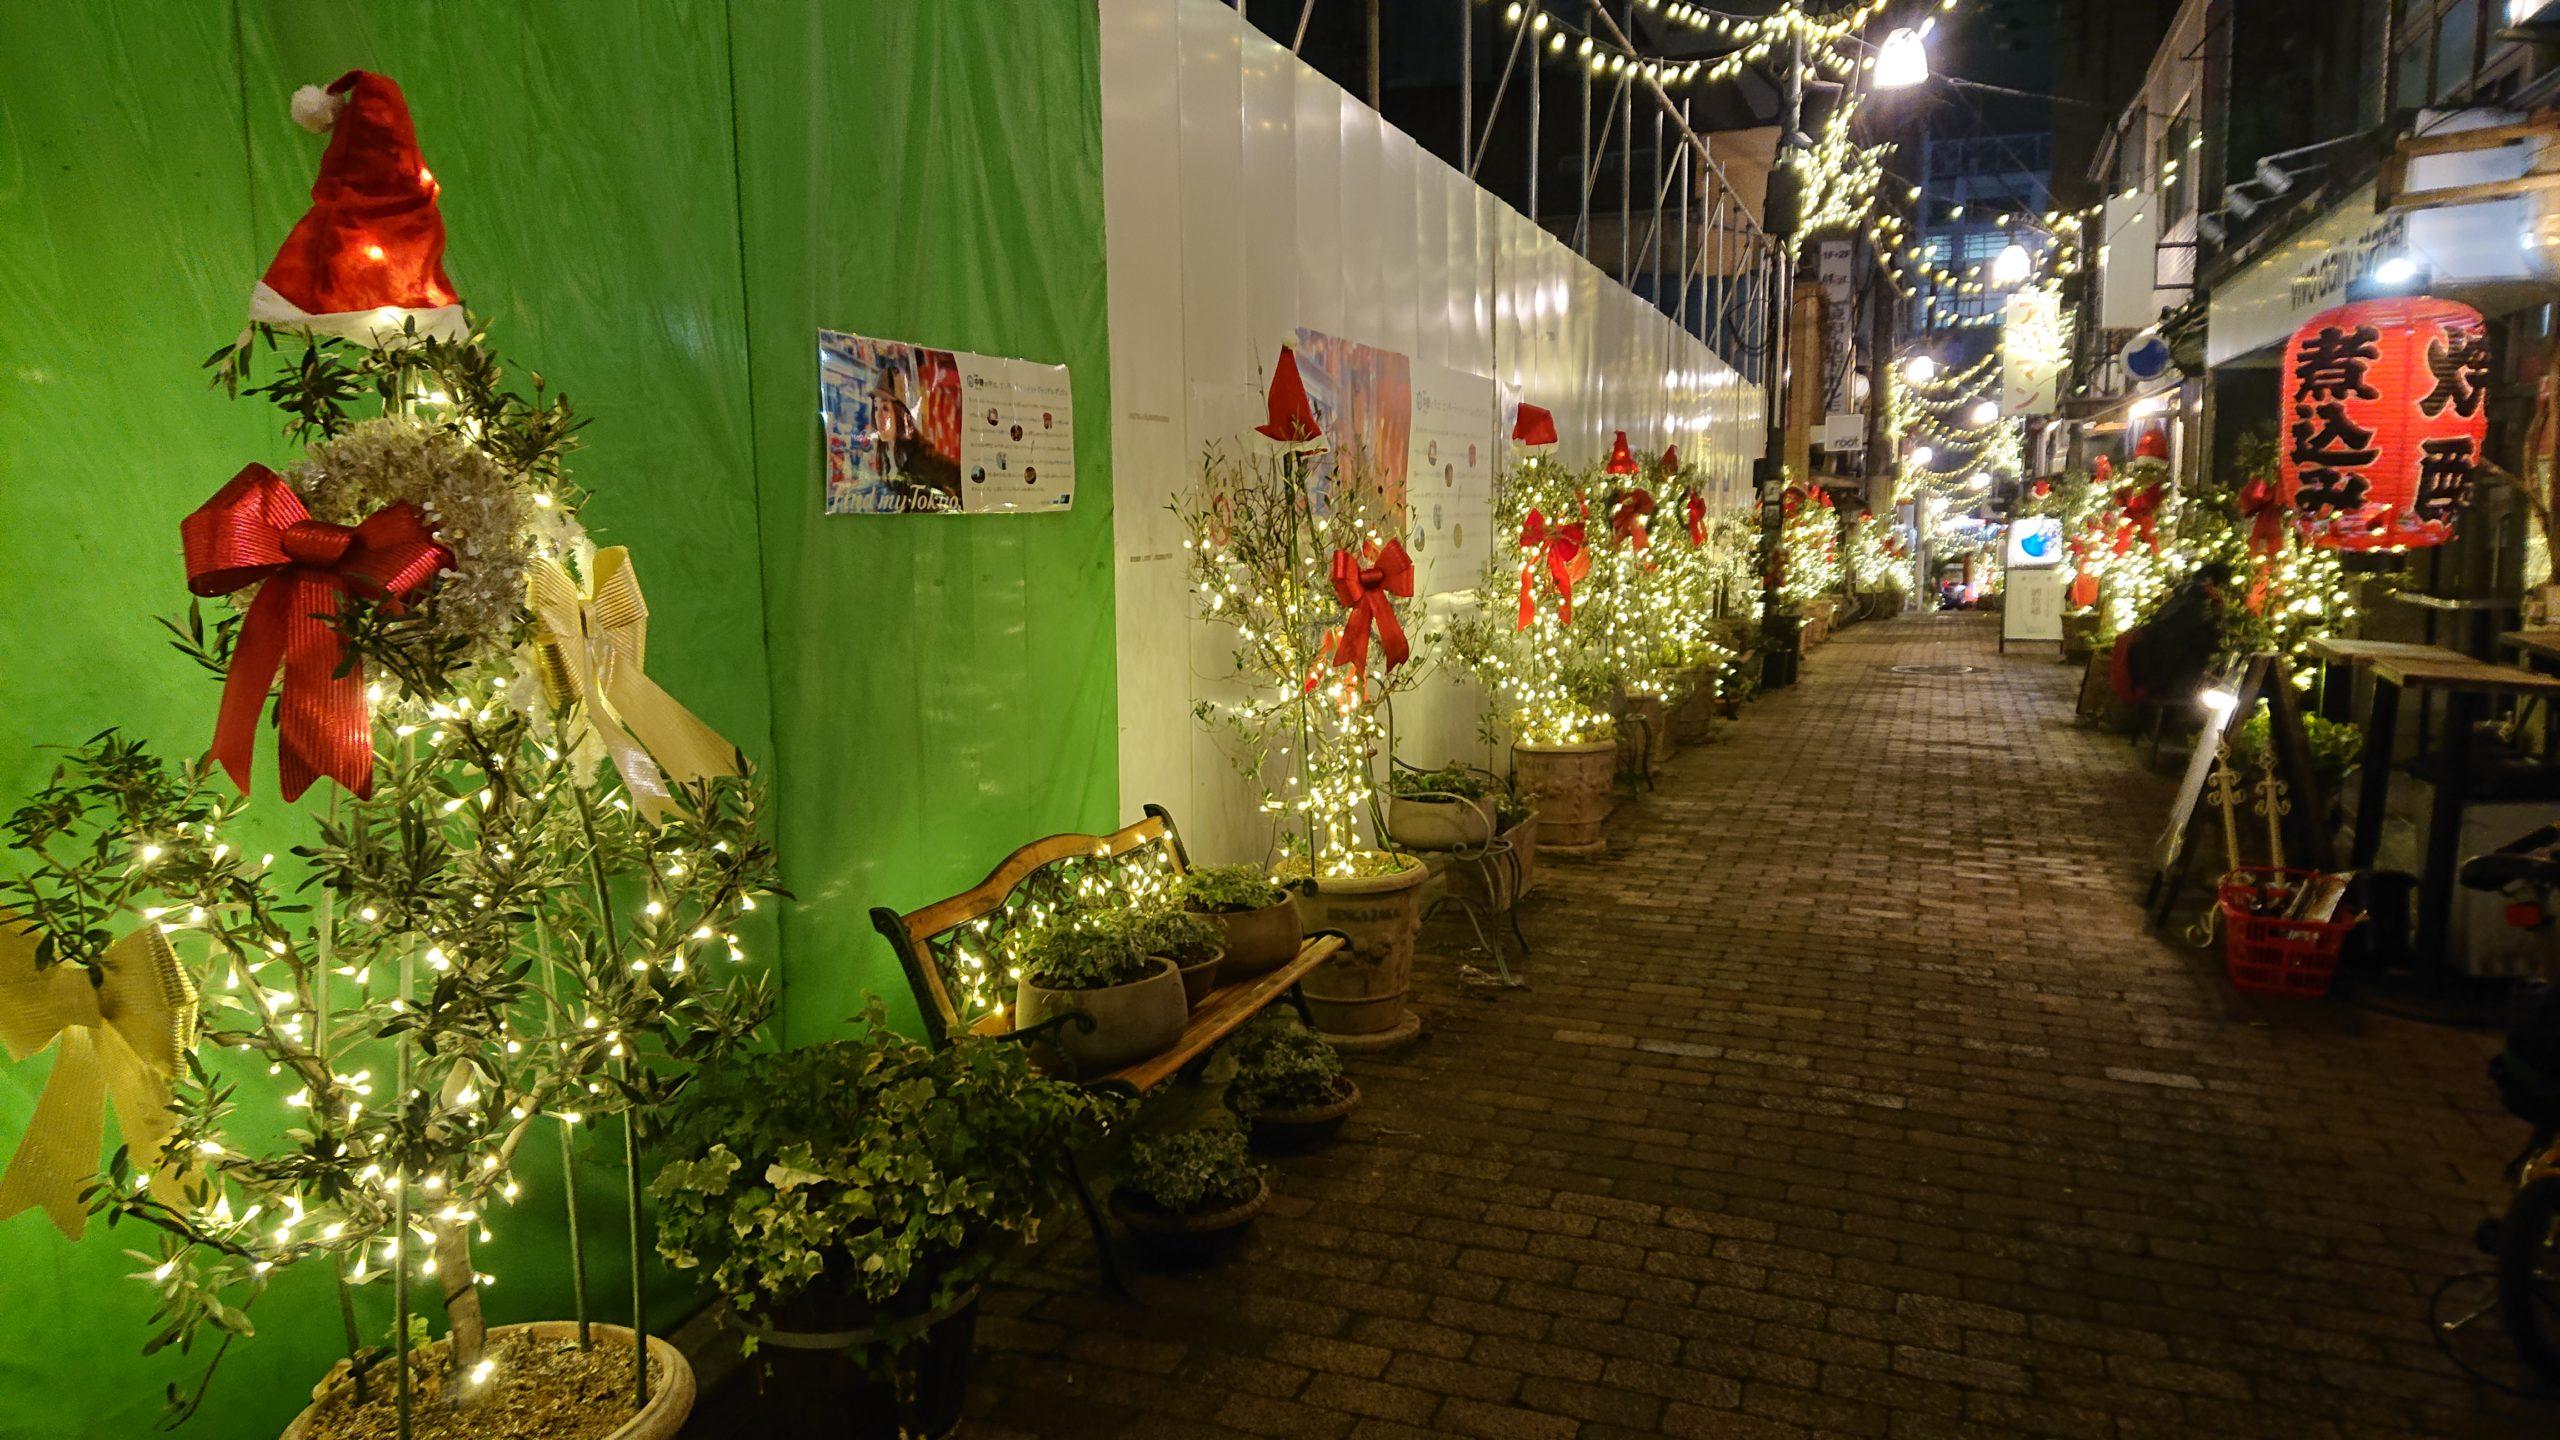 中野レンガ坂商店街のクリスマスツリー